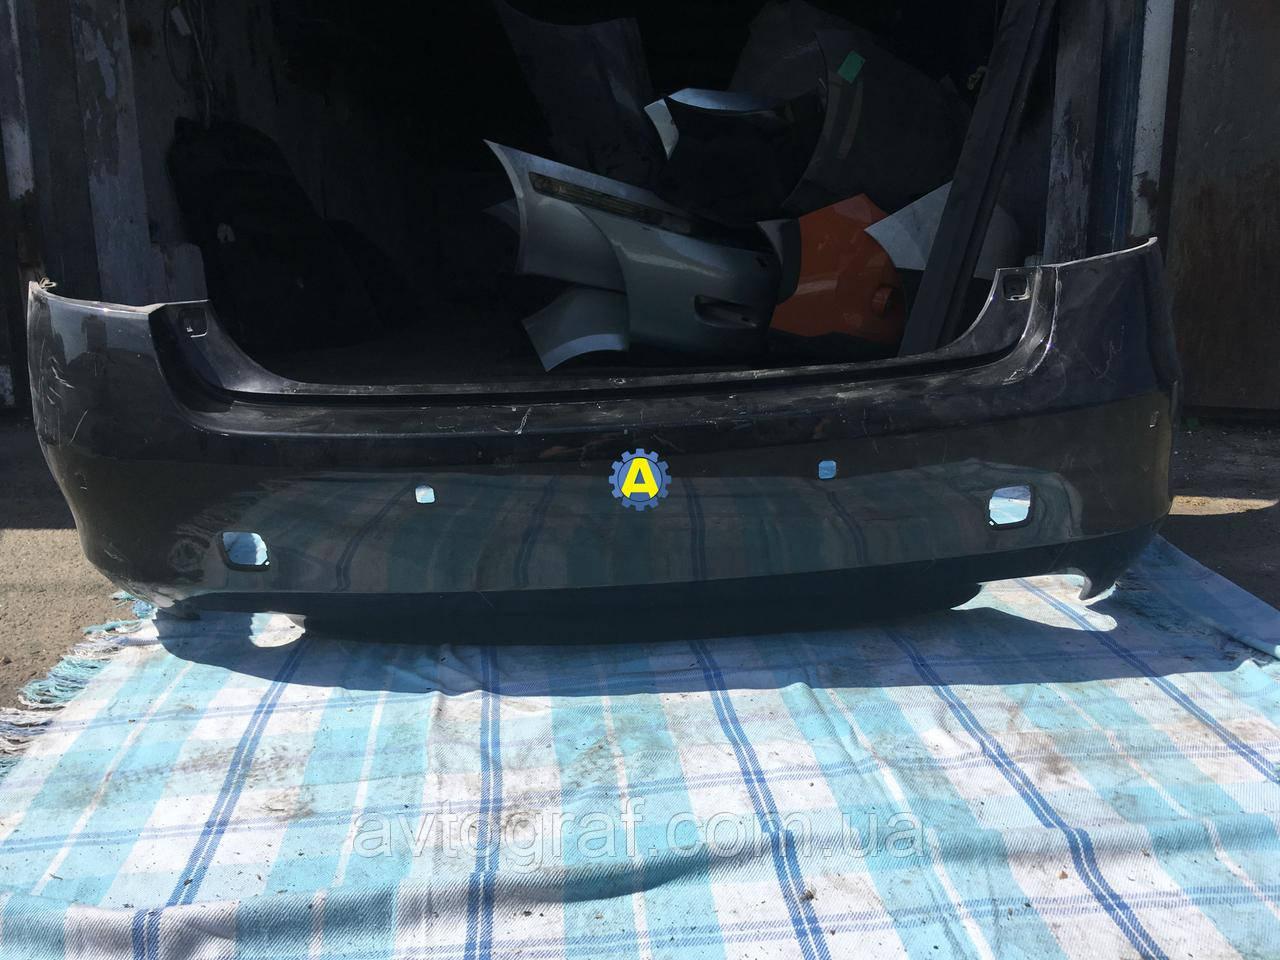 Бампер задний на Lexus GS (Лексус Дж С) 300 300 400 430 2005-2012